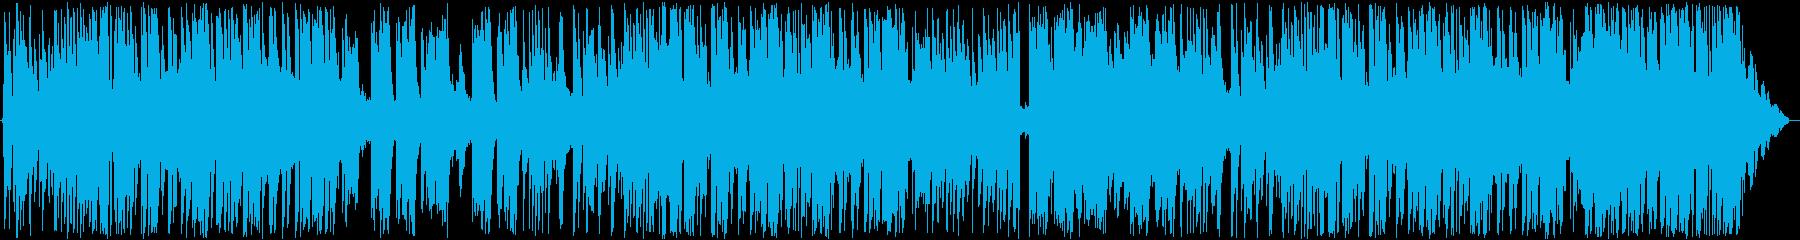 桜の舞い散る新生活(ピアノメイン)の再生済みの波形